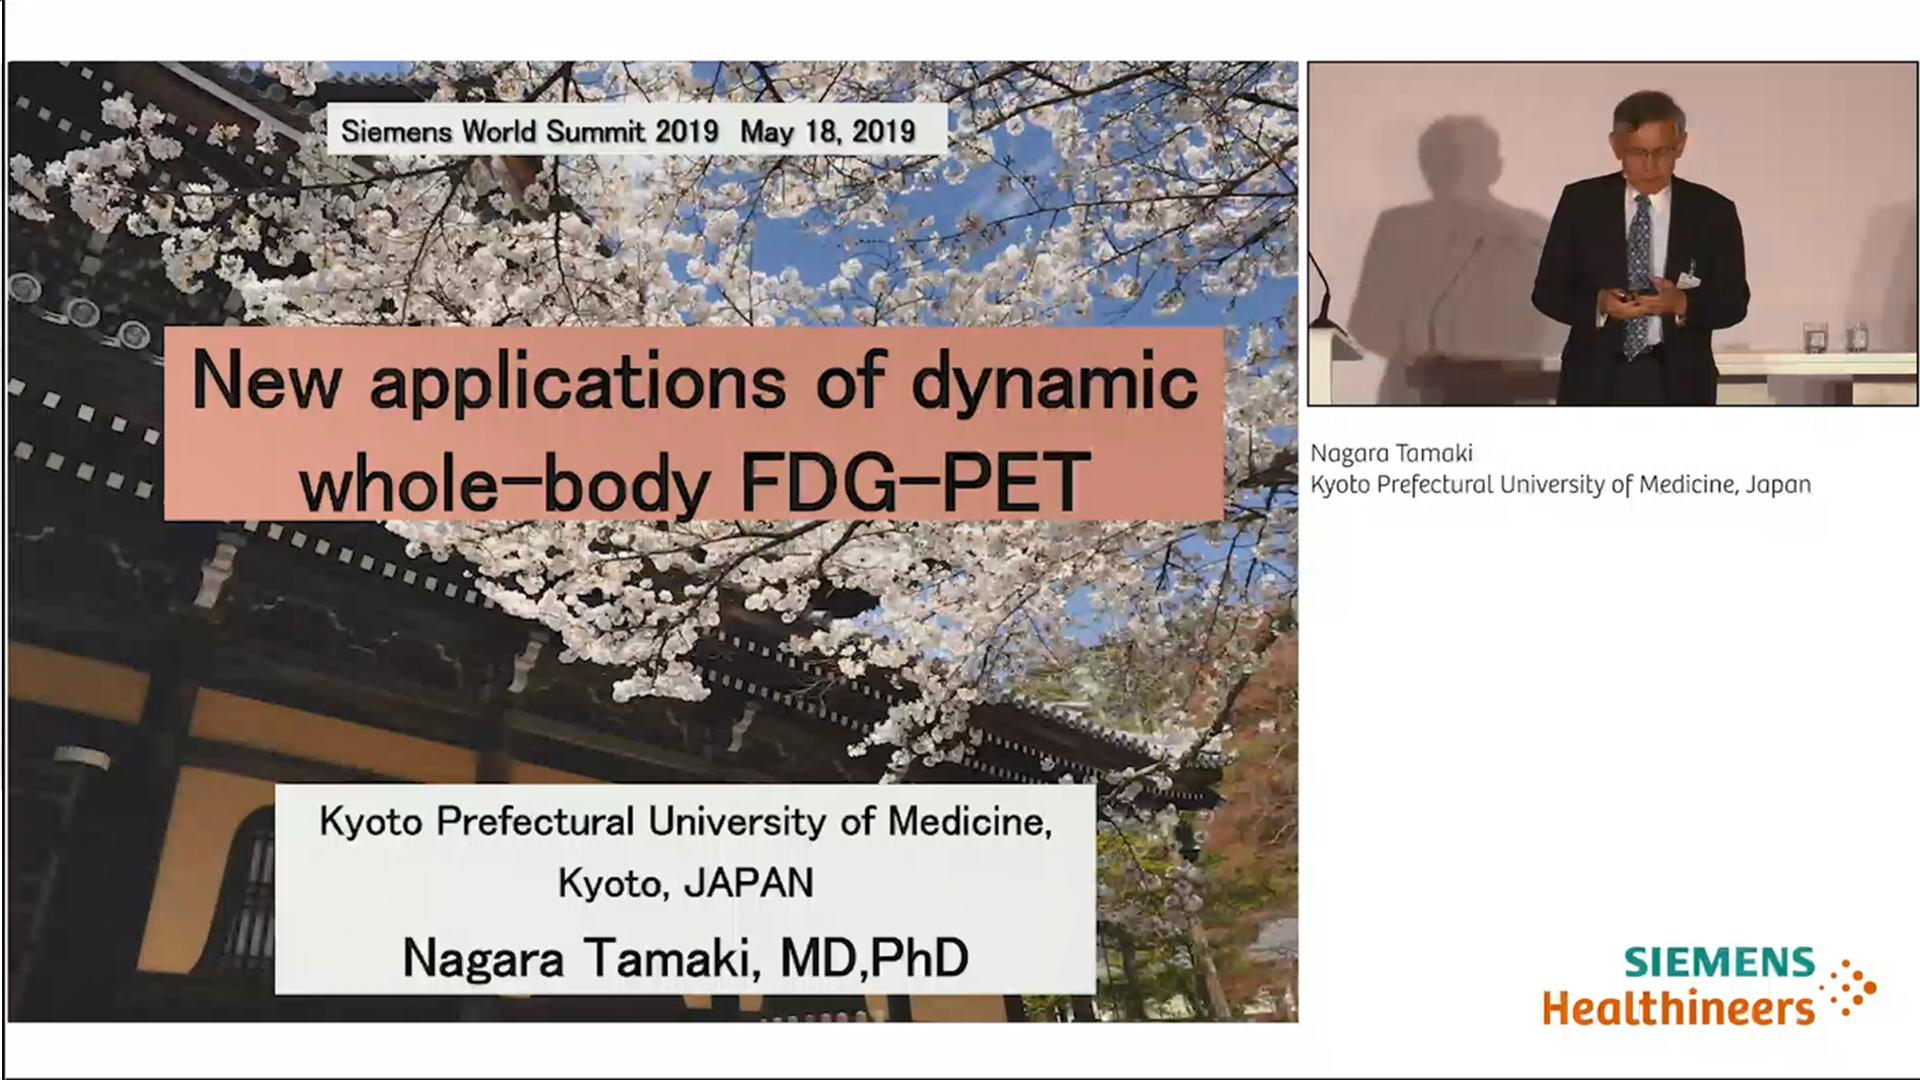 Prof. Nagara Tamaki